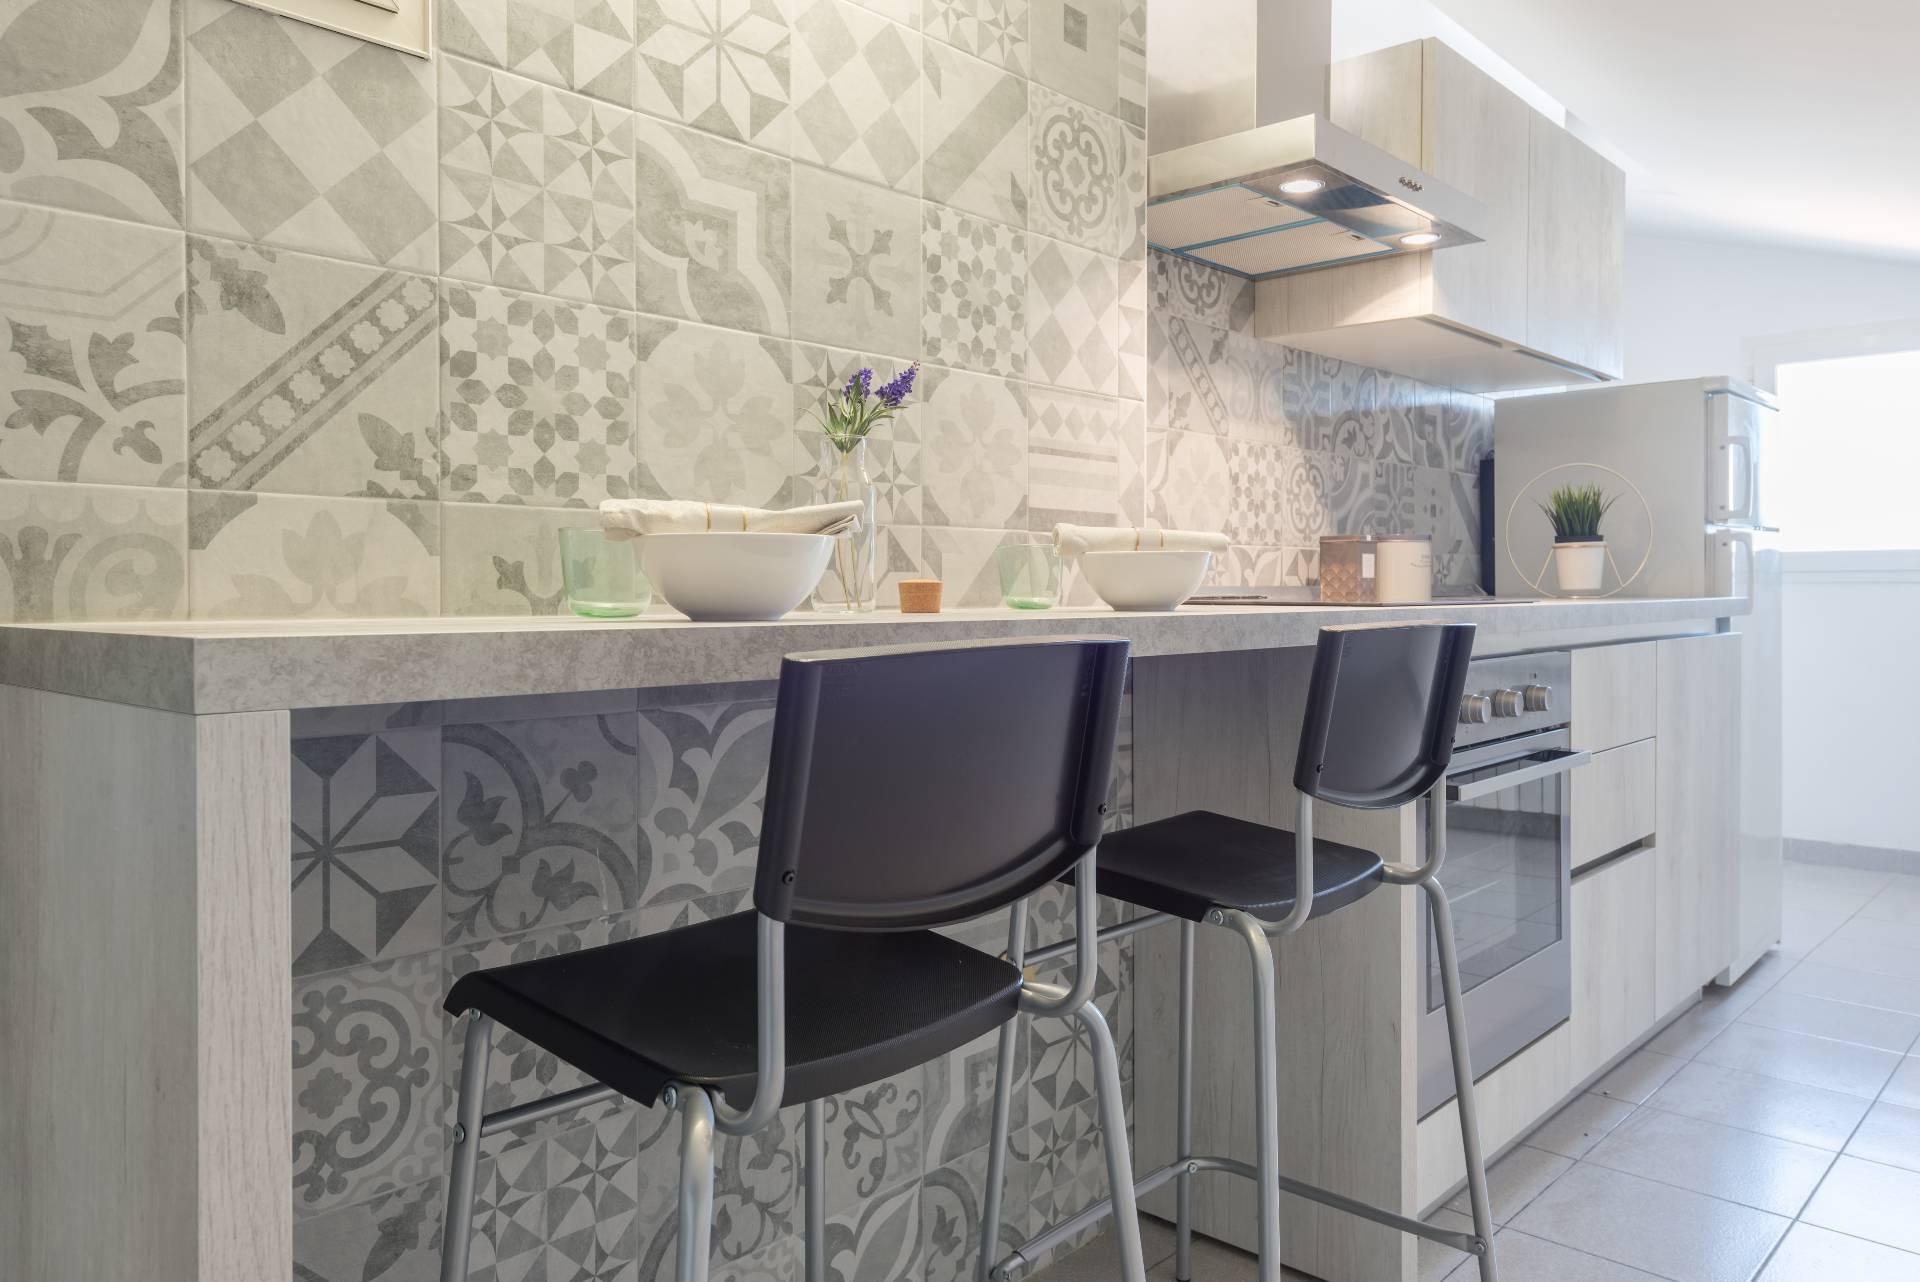 Appartamento in vendita a Chieti, 4 locali, prezzo € 40.000 | PortaleAgenzieImmobiliari.it